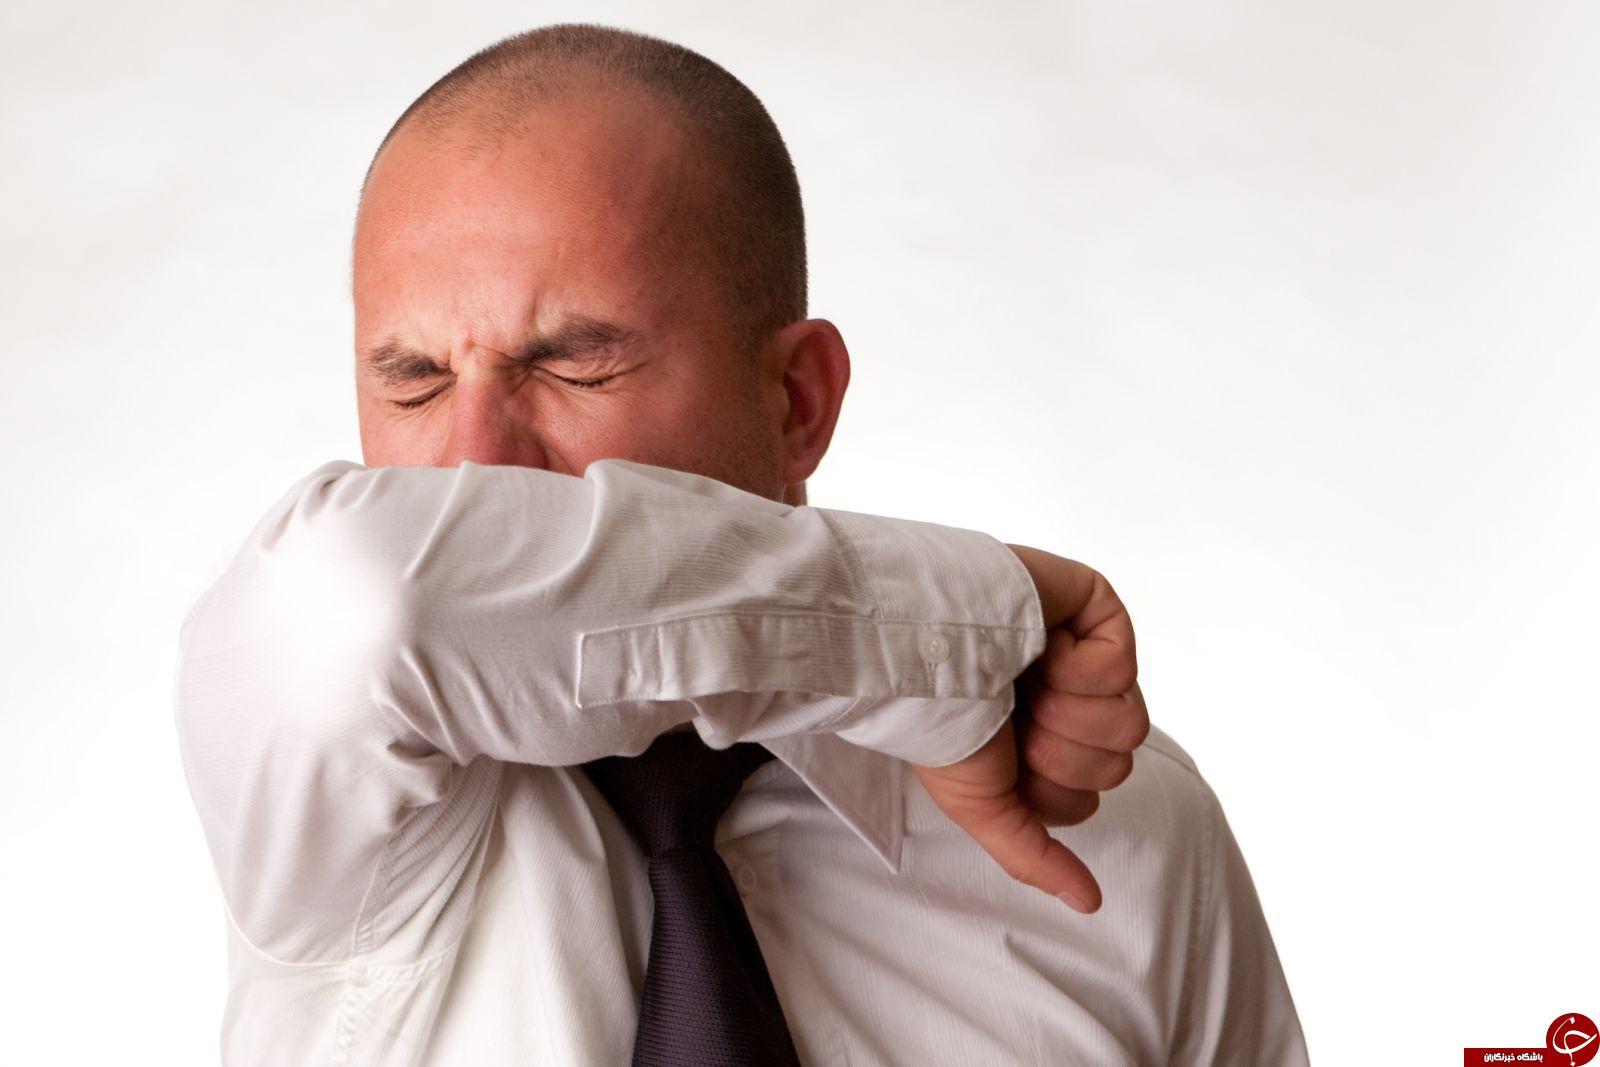 درمان سرفه /  سریع ترین روش درمان سرفه در 5 دقیقه